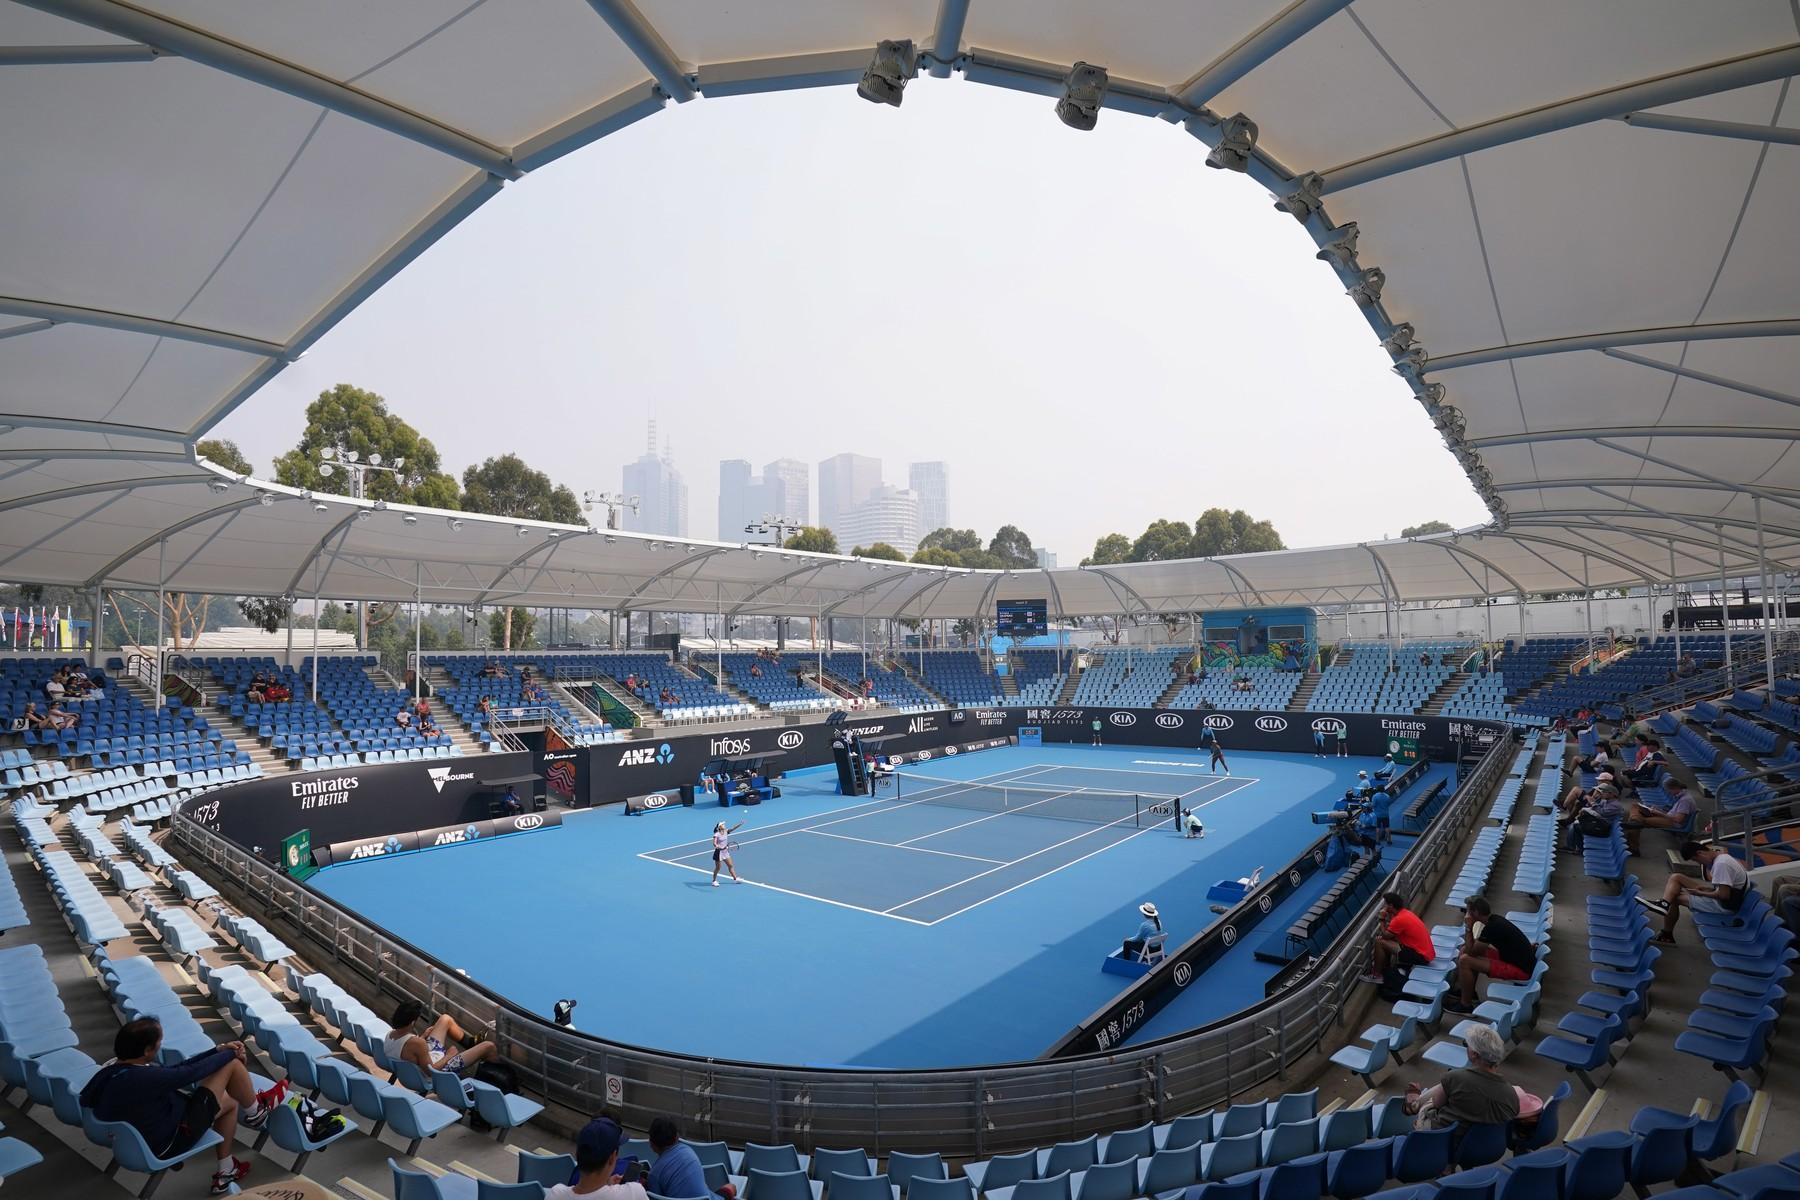 Kvalifikační zápasy Australian Open musely být kvůli špatným podmínkám nejprve odloženy.